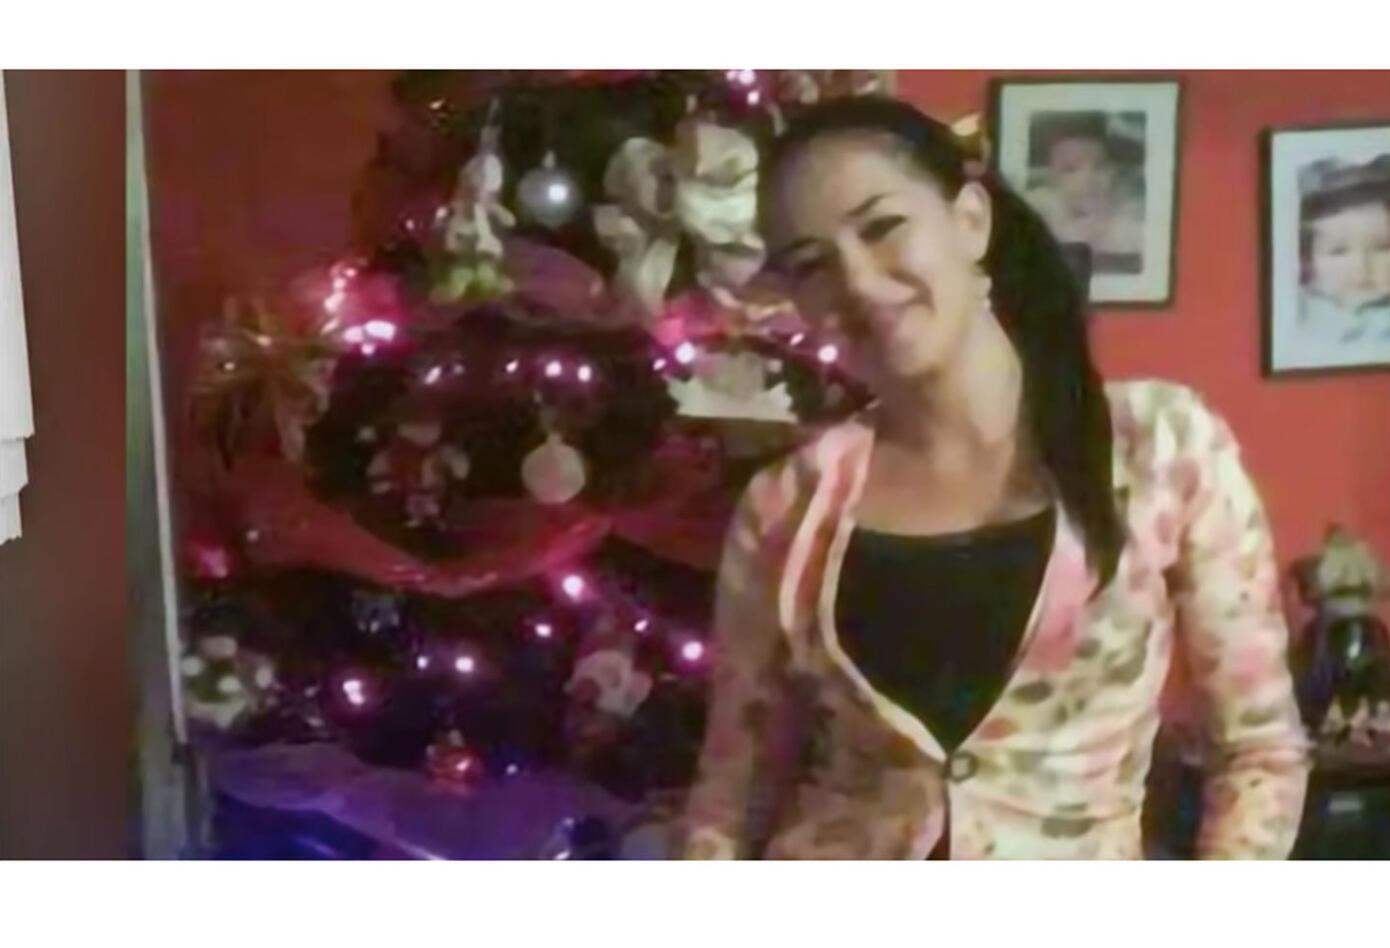 Jeimy Paola Garzón fue asesinada por Jhon Alexander Galindo mientras defendía a su hija de también recibir varias puñaladas.